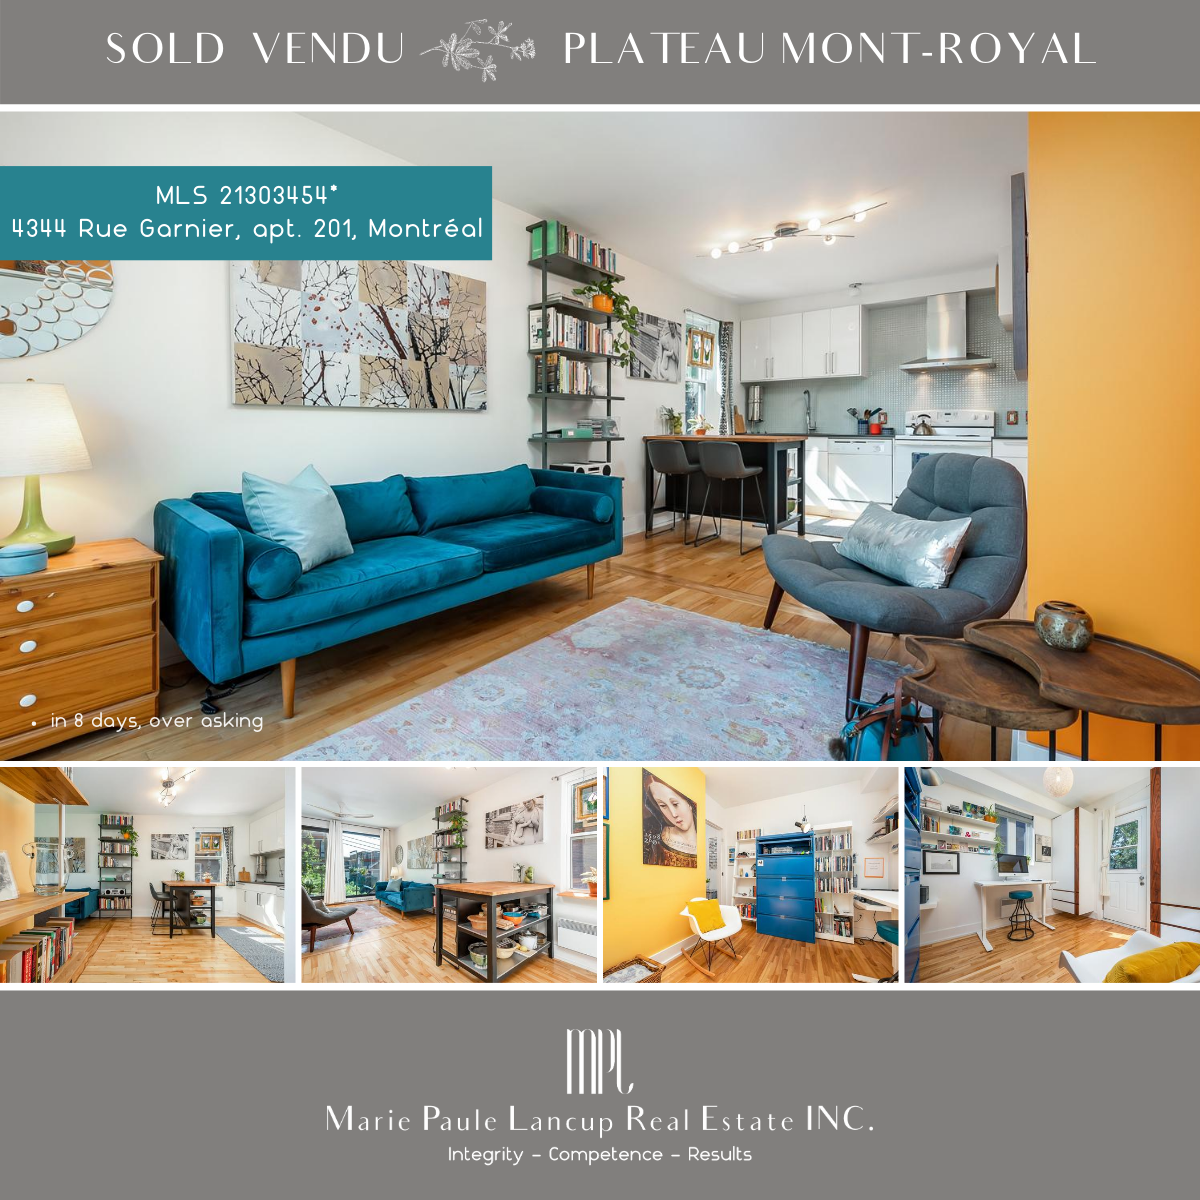 Marie Paule Lancup Real Estate Inc - 201-4344 Garnier LPLATEAU MONT-ROYAL SOLD VENDU